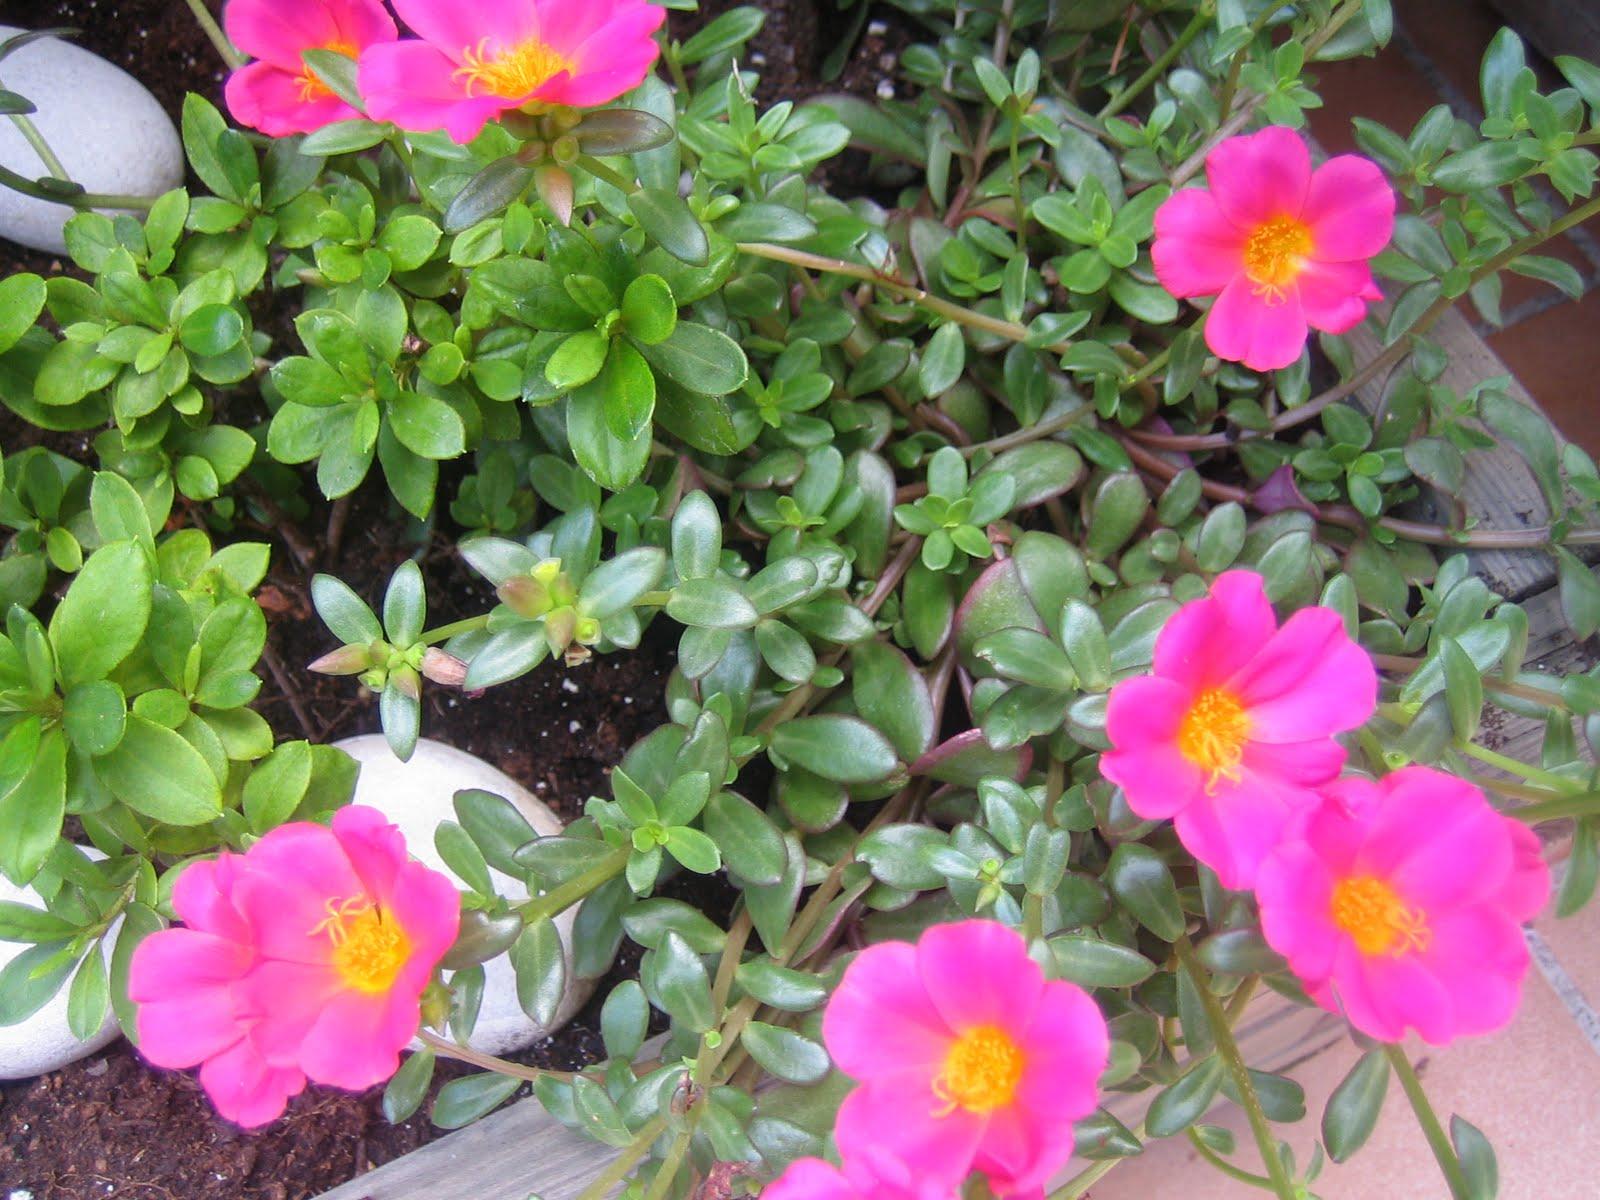 Blog de dorisalon flores de temporada for Plantas temporada